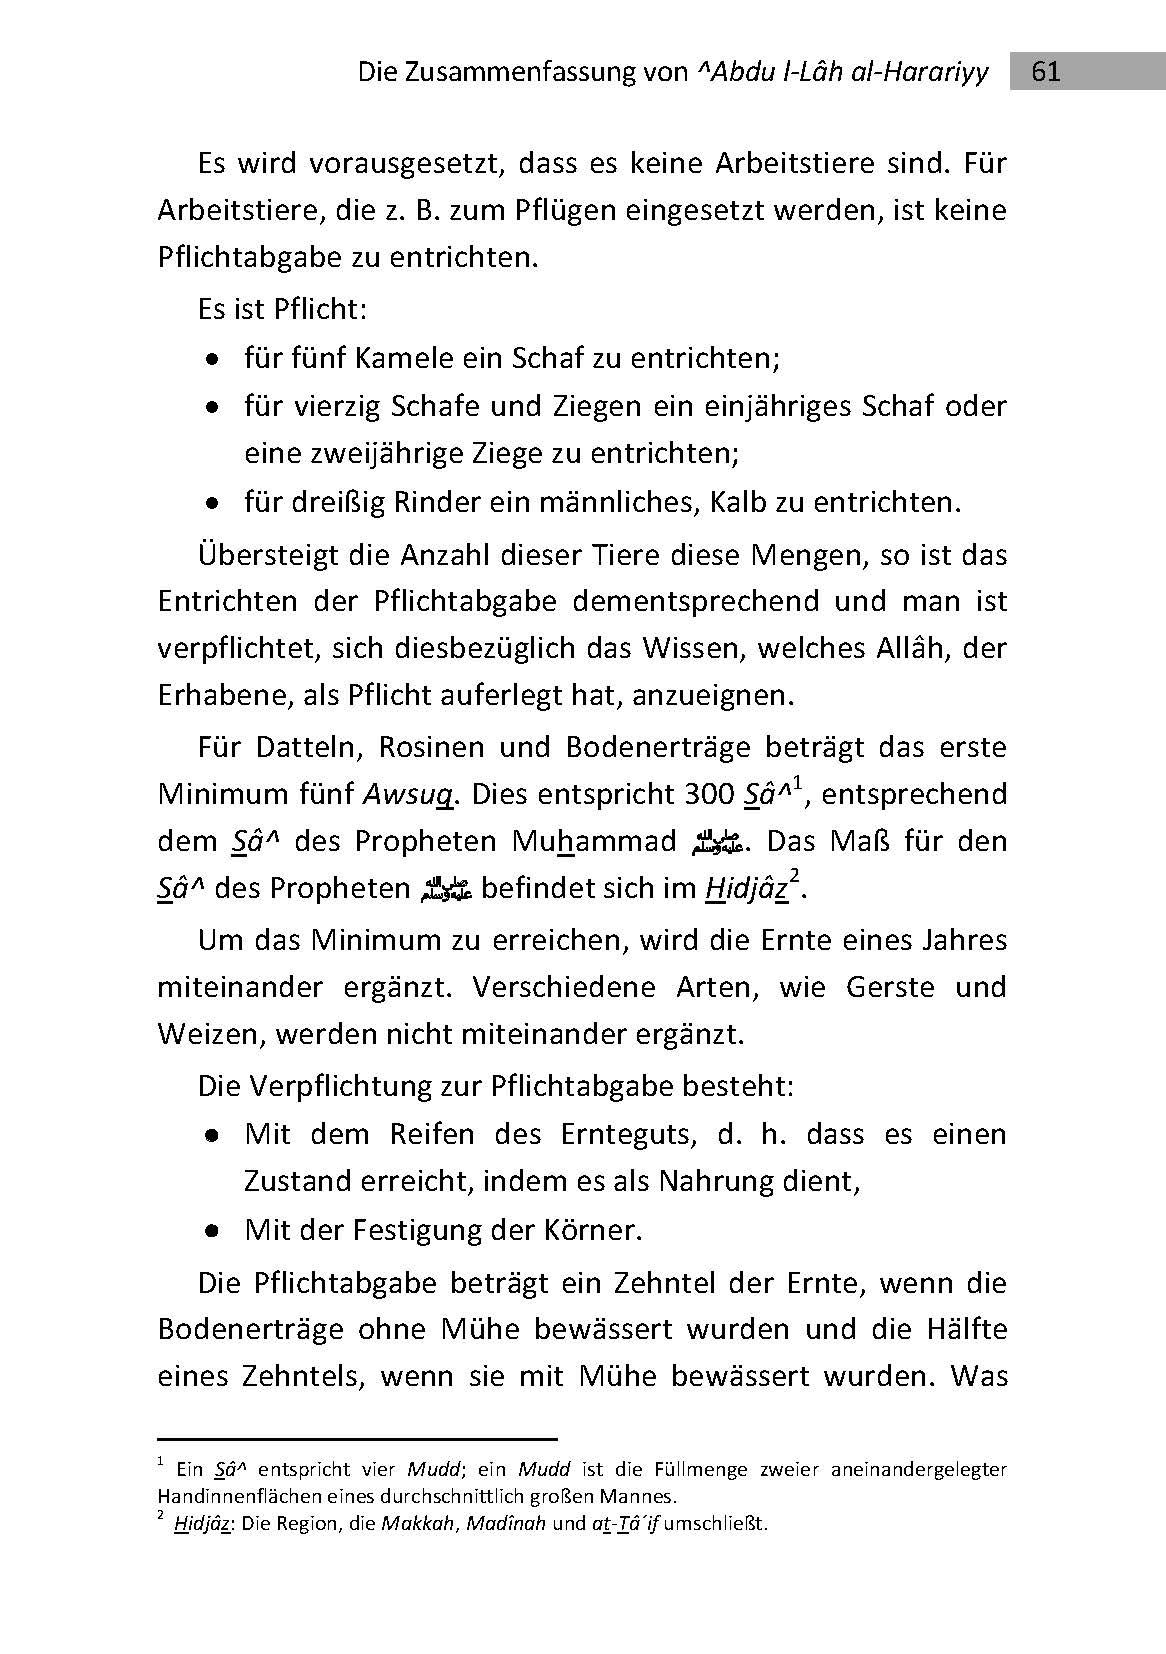 Die Zusammenfassung - 3. Auflage 2014_Seite_61